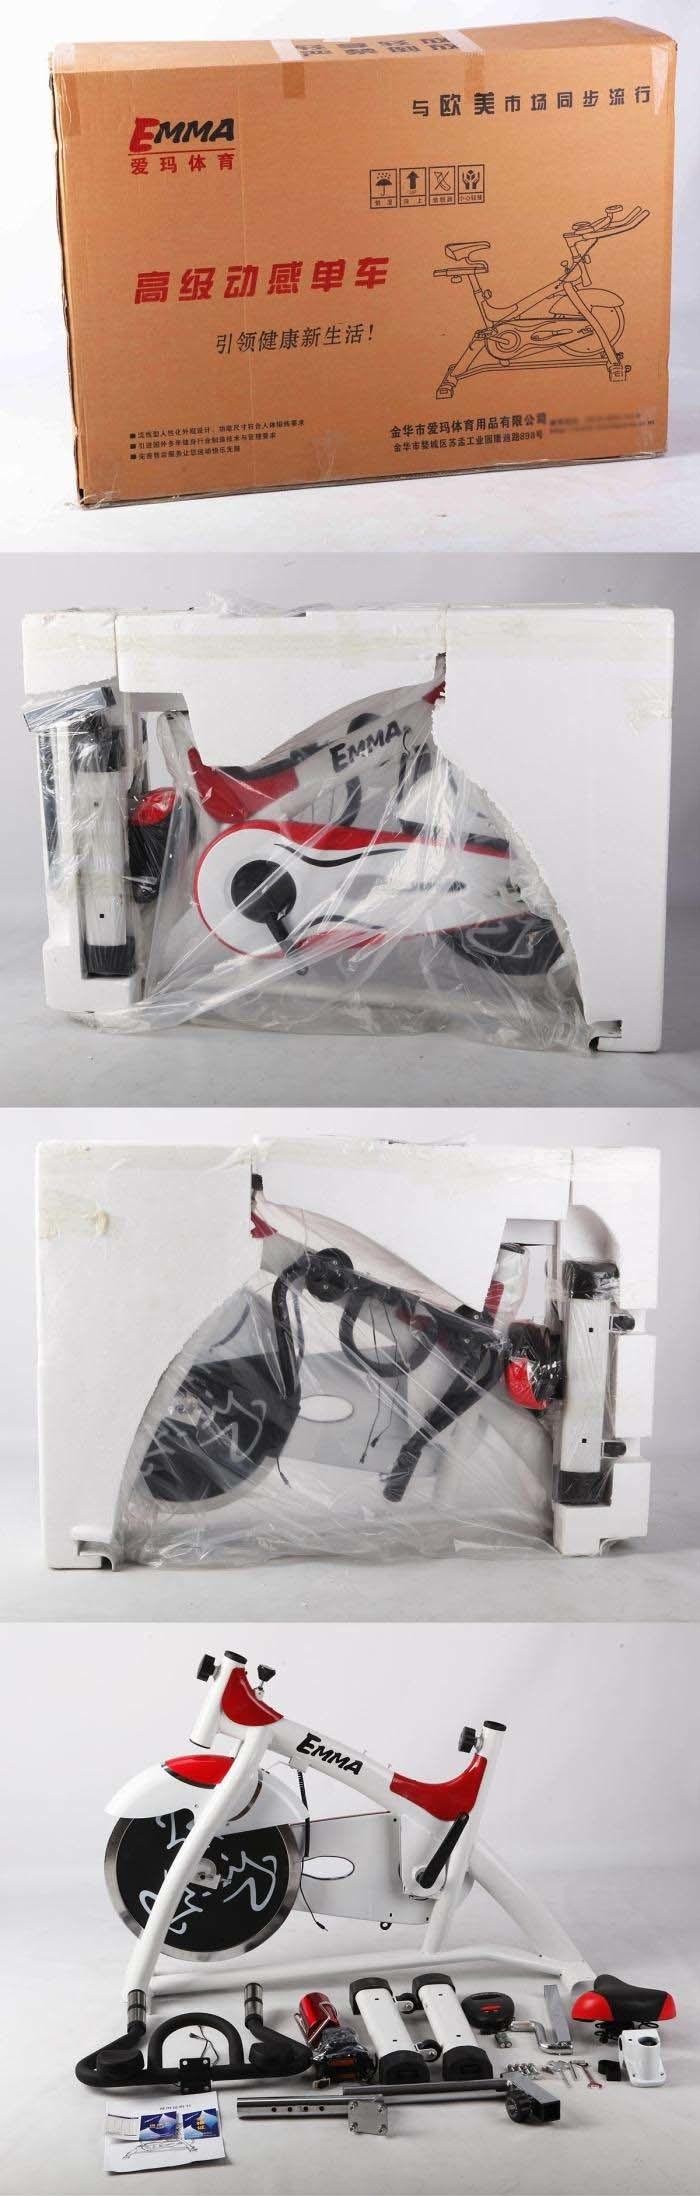 Spinnning Bike (AM-S2000)